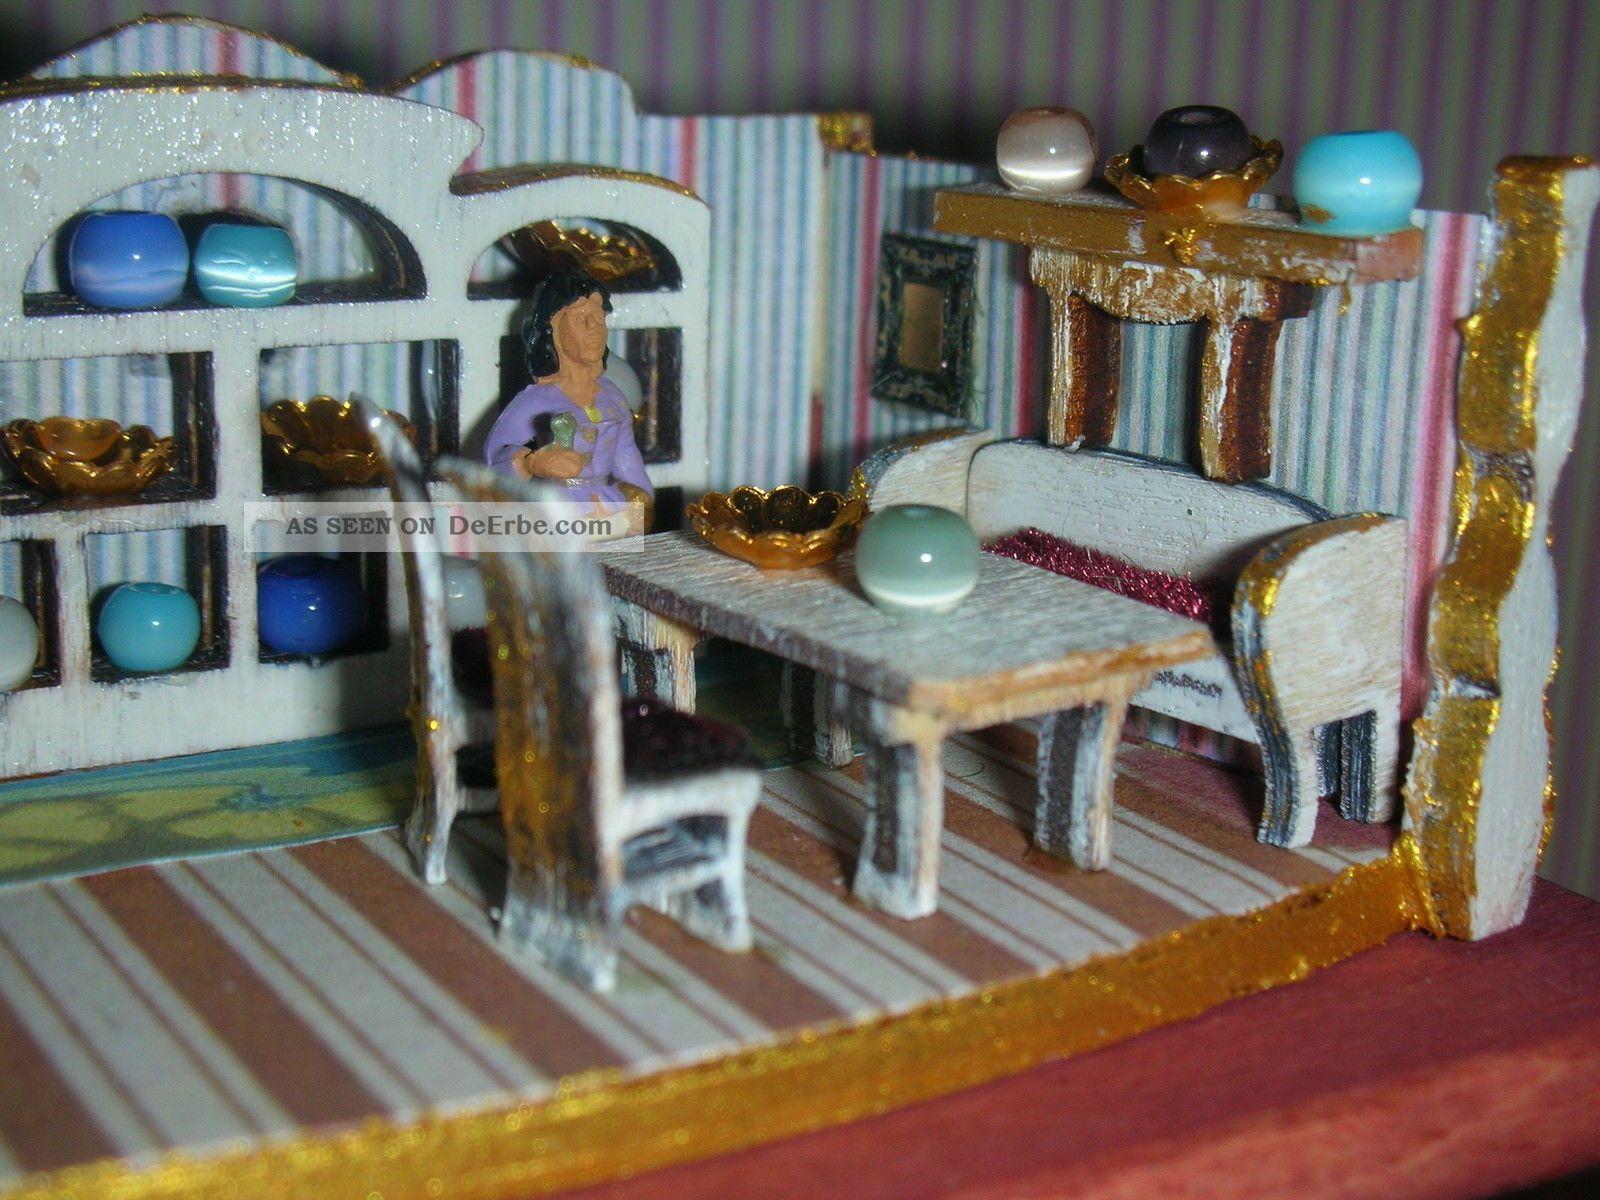 minipuppenstube mit tisch f r puppenstubenkinder deko sammler puppen 1 10 1 12. Black Bedroom Furniture Sets. Home Design Ideas